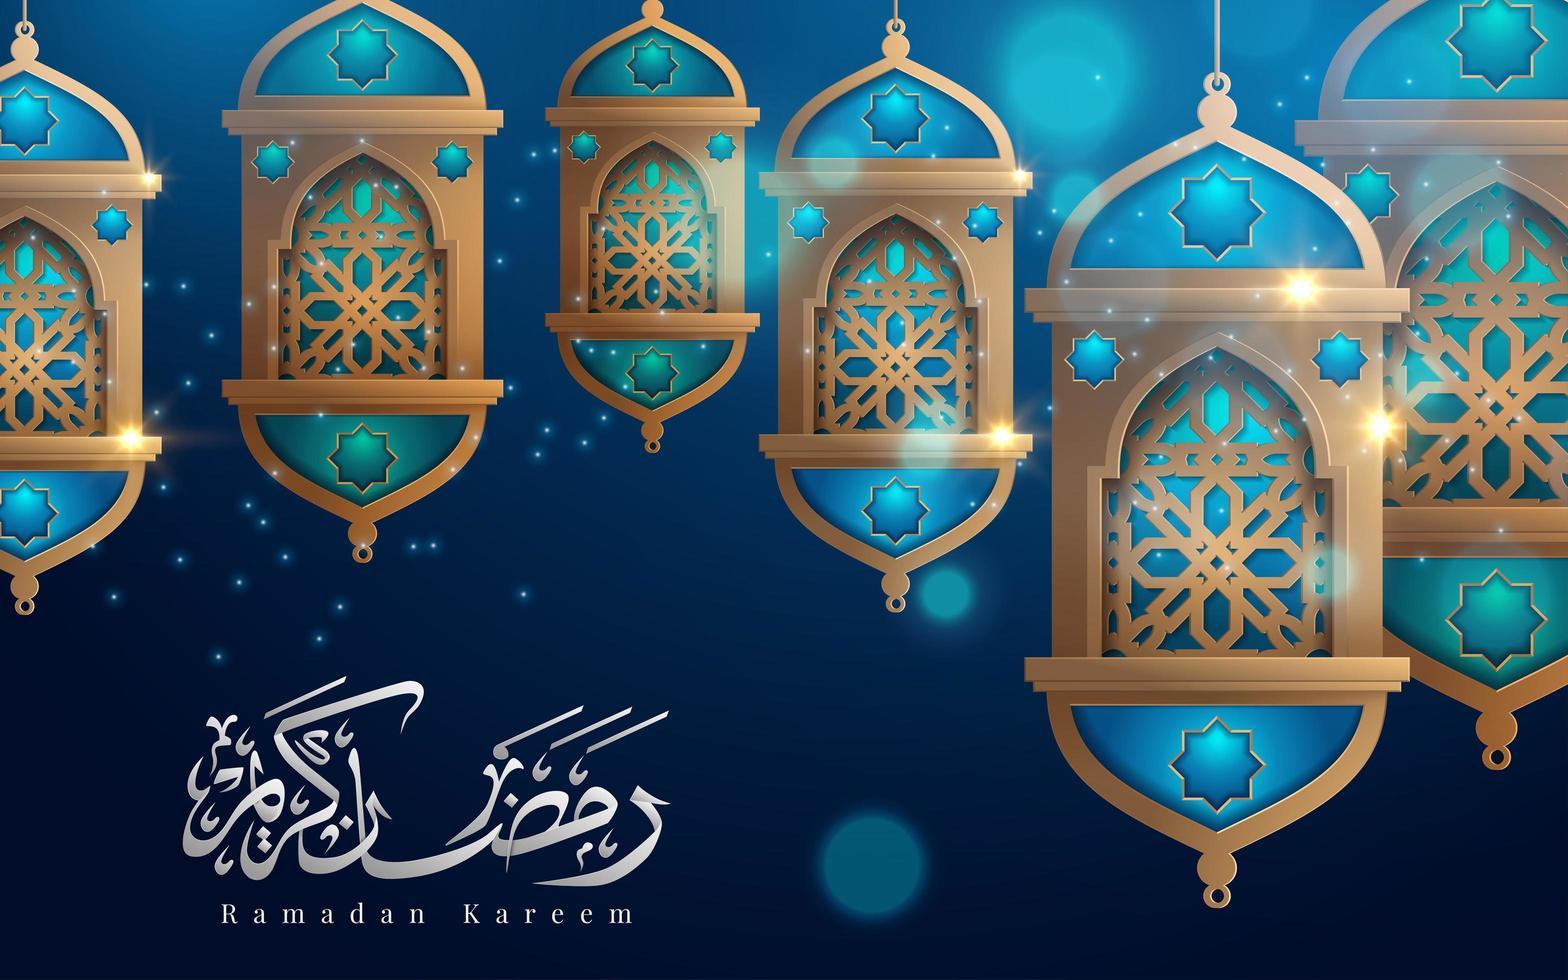 Ramadan Kareem lanternas de suspensão na saudação azul vetor